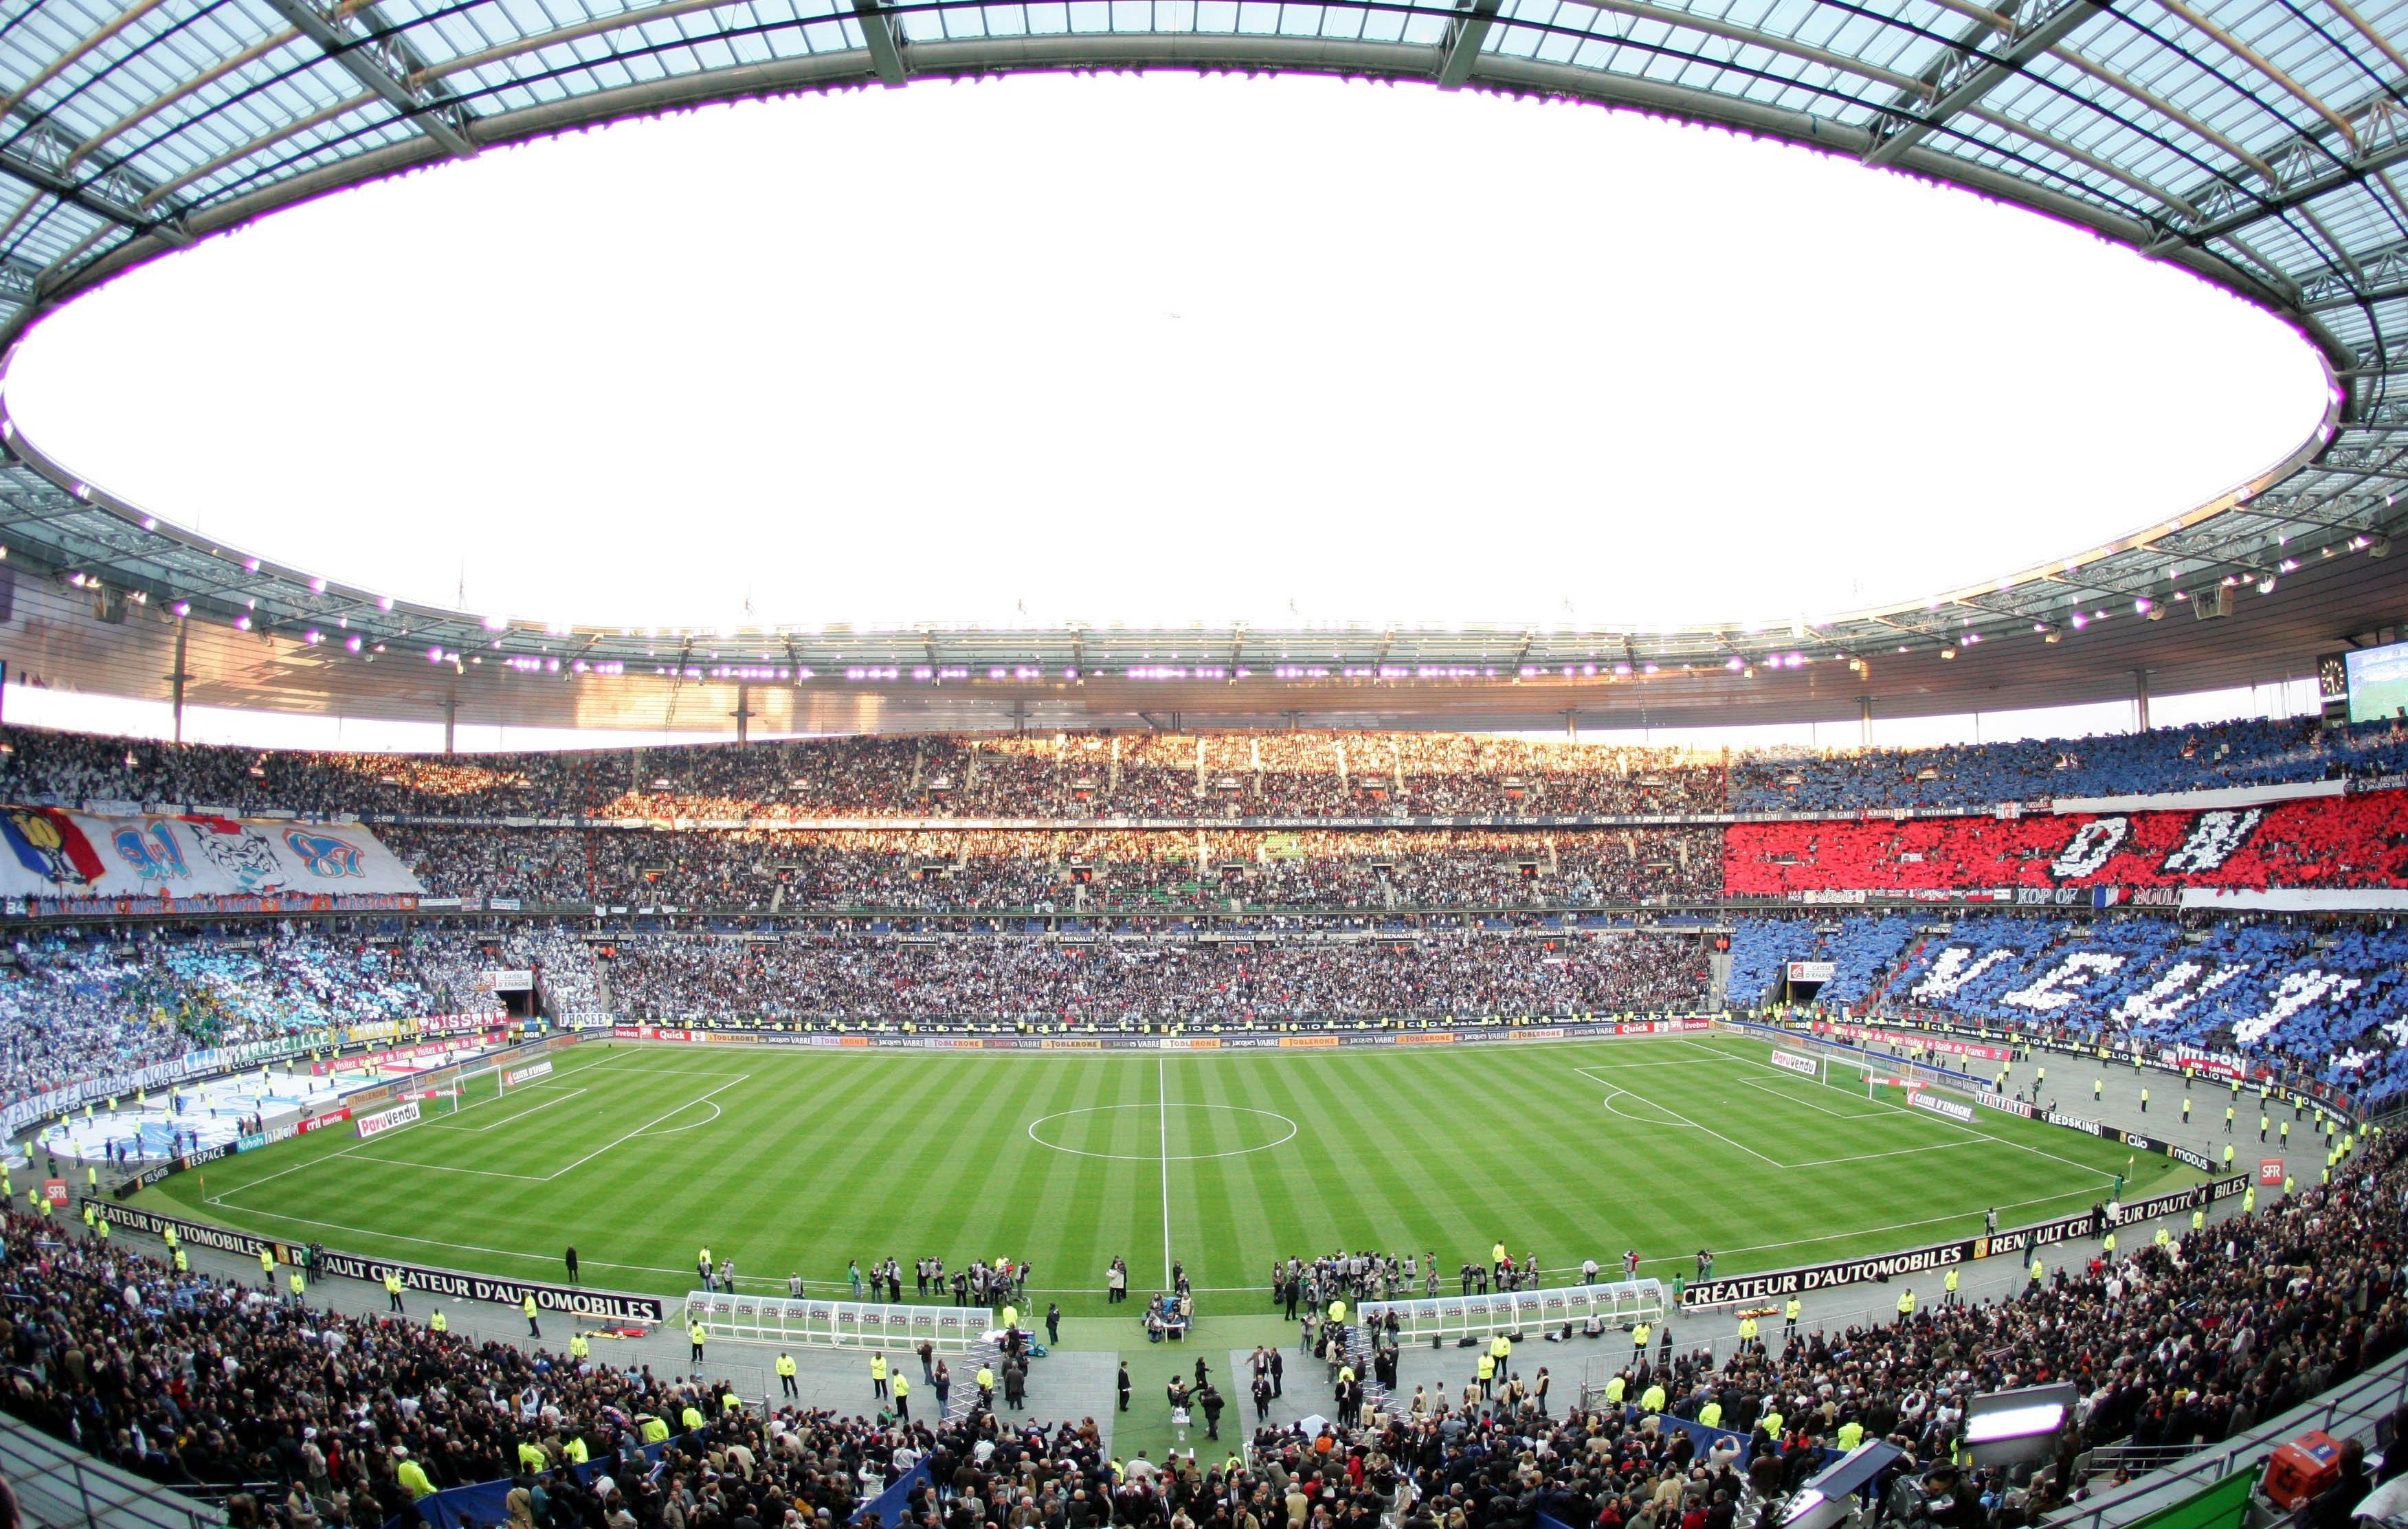 Au stade de france pour le psg acte 15 - Stade de france coupe de france ...